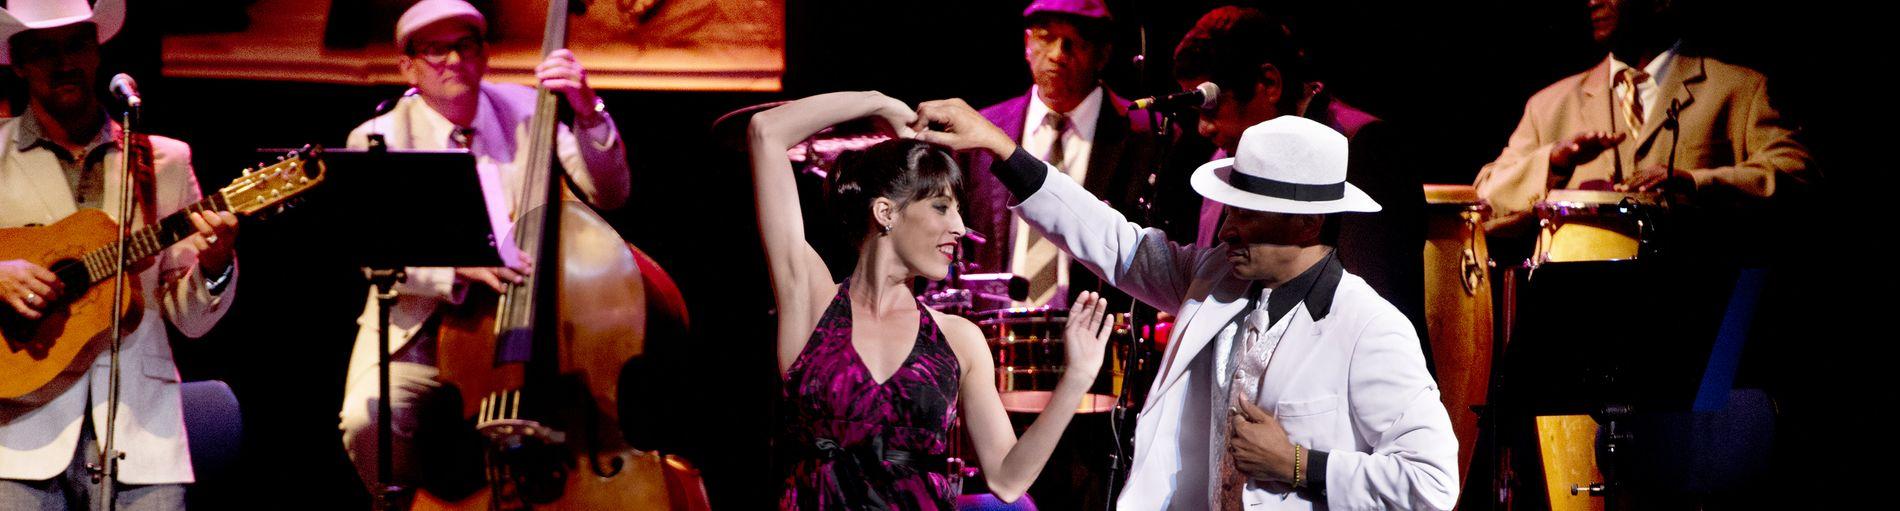 Auf dem Bild sind ein tanzendes Paar abgebildet. Die Frau trägt ein lilanes Kleid und der Herr einen weißen Anzug mit Hut. Die beiden befinden sich gerade mitten in einer Drehung und hinter ihnen sieht man die Band spielen.